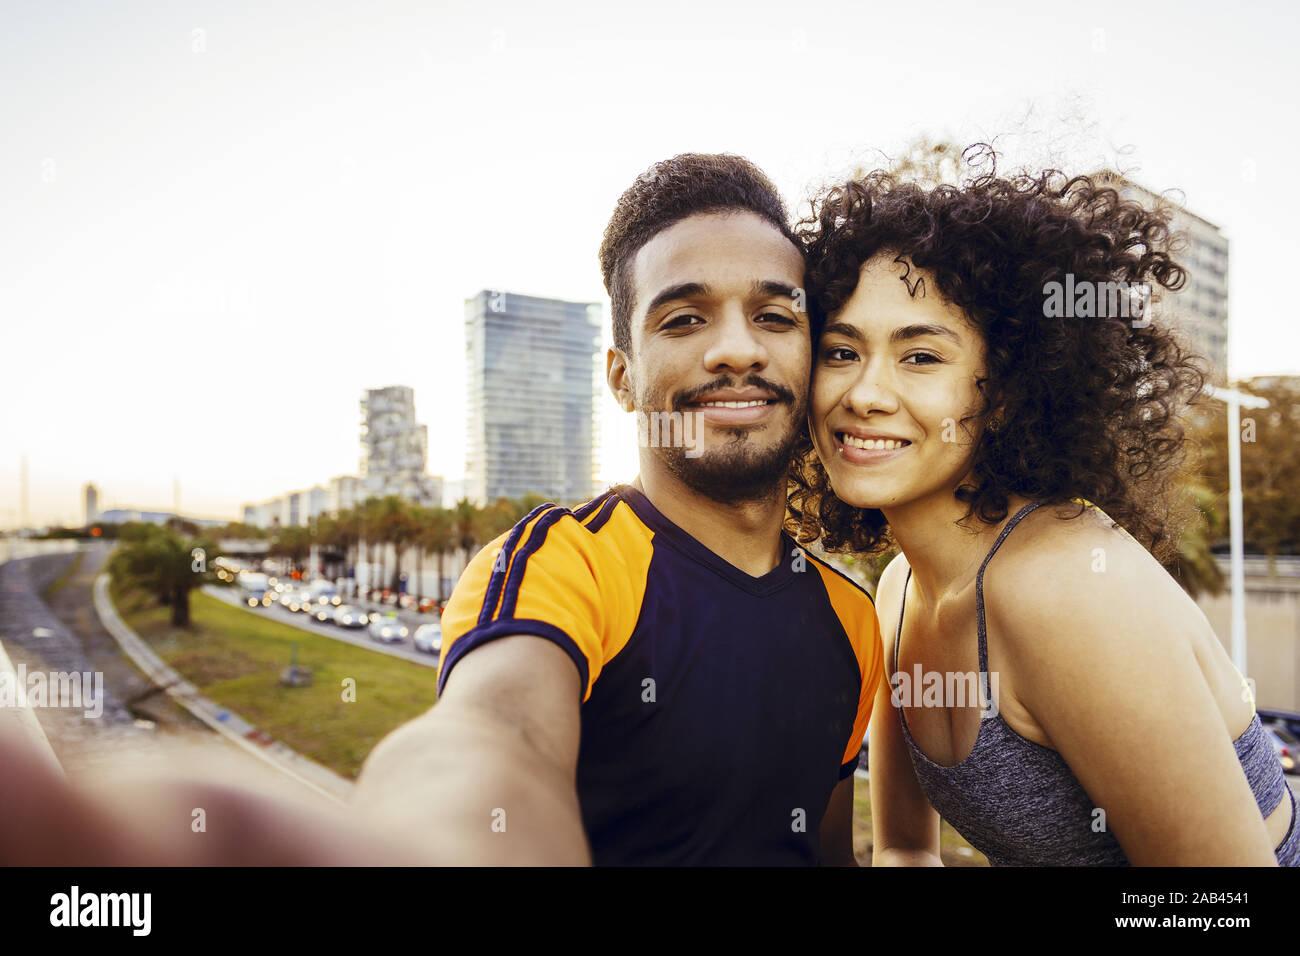 Uomo nero che esce con una latina